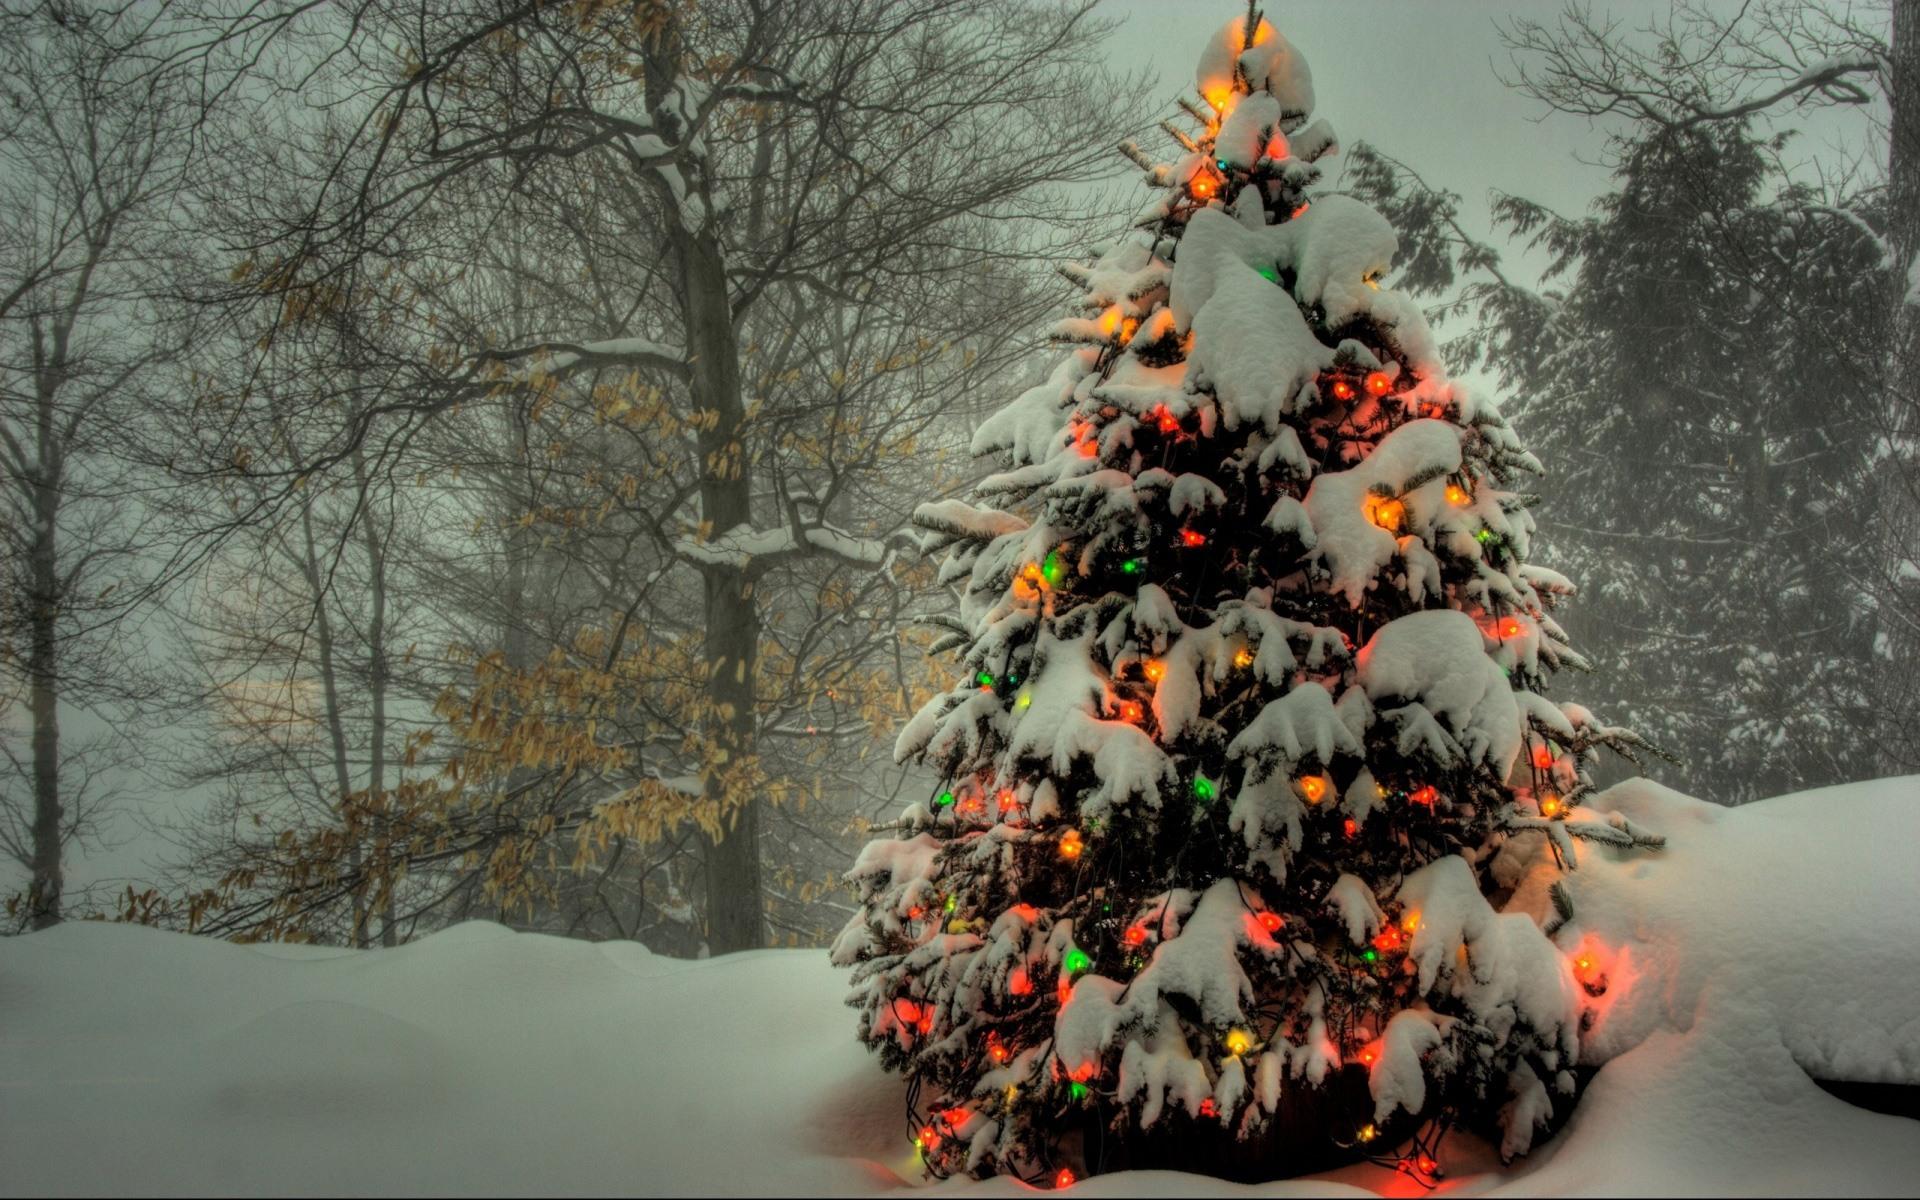 Елка в снегу